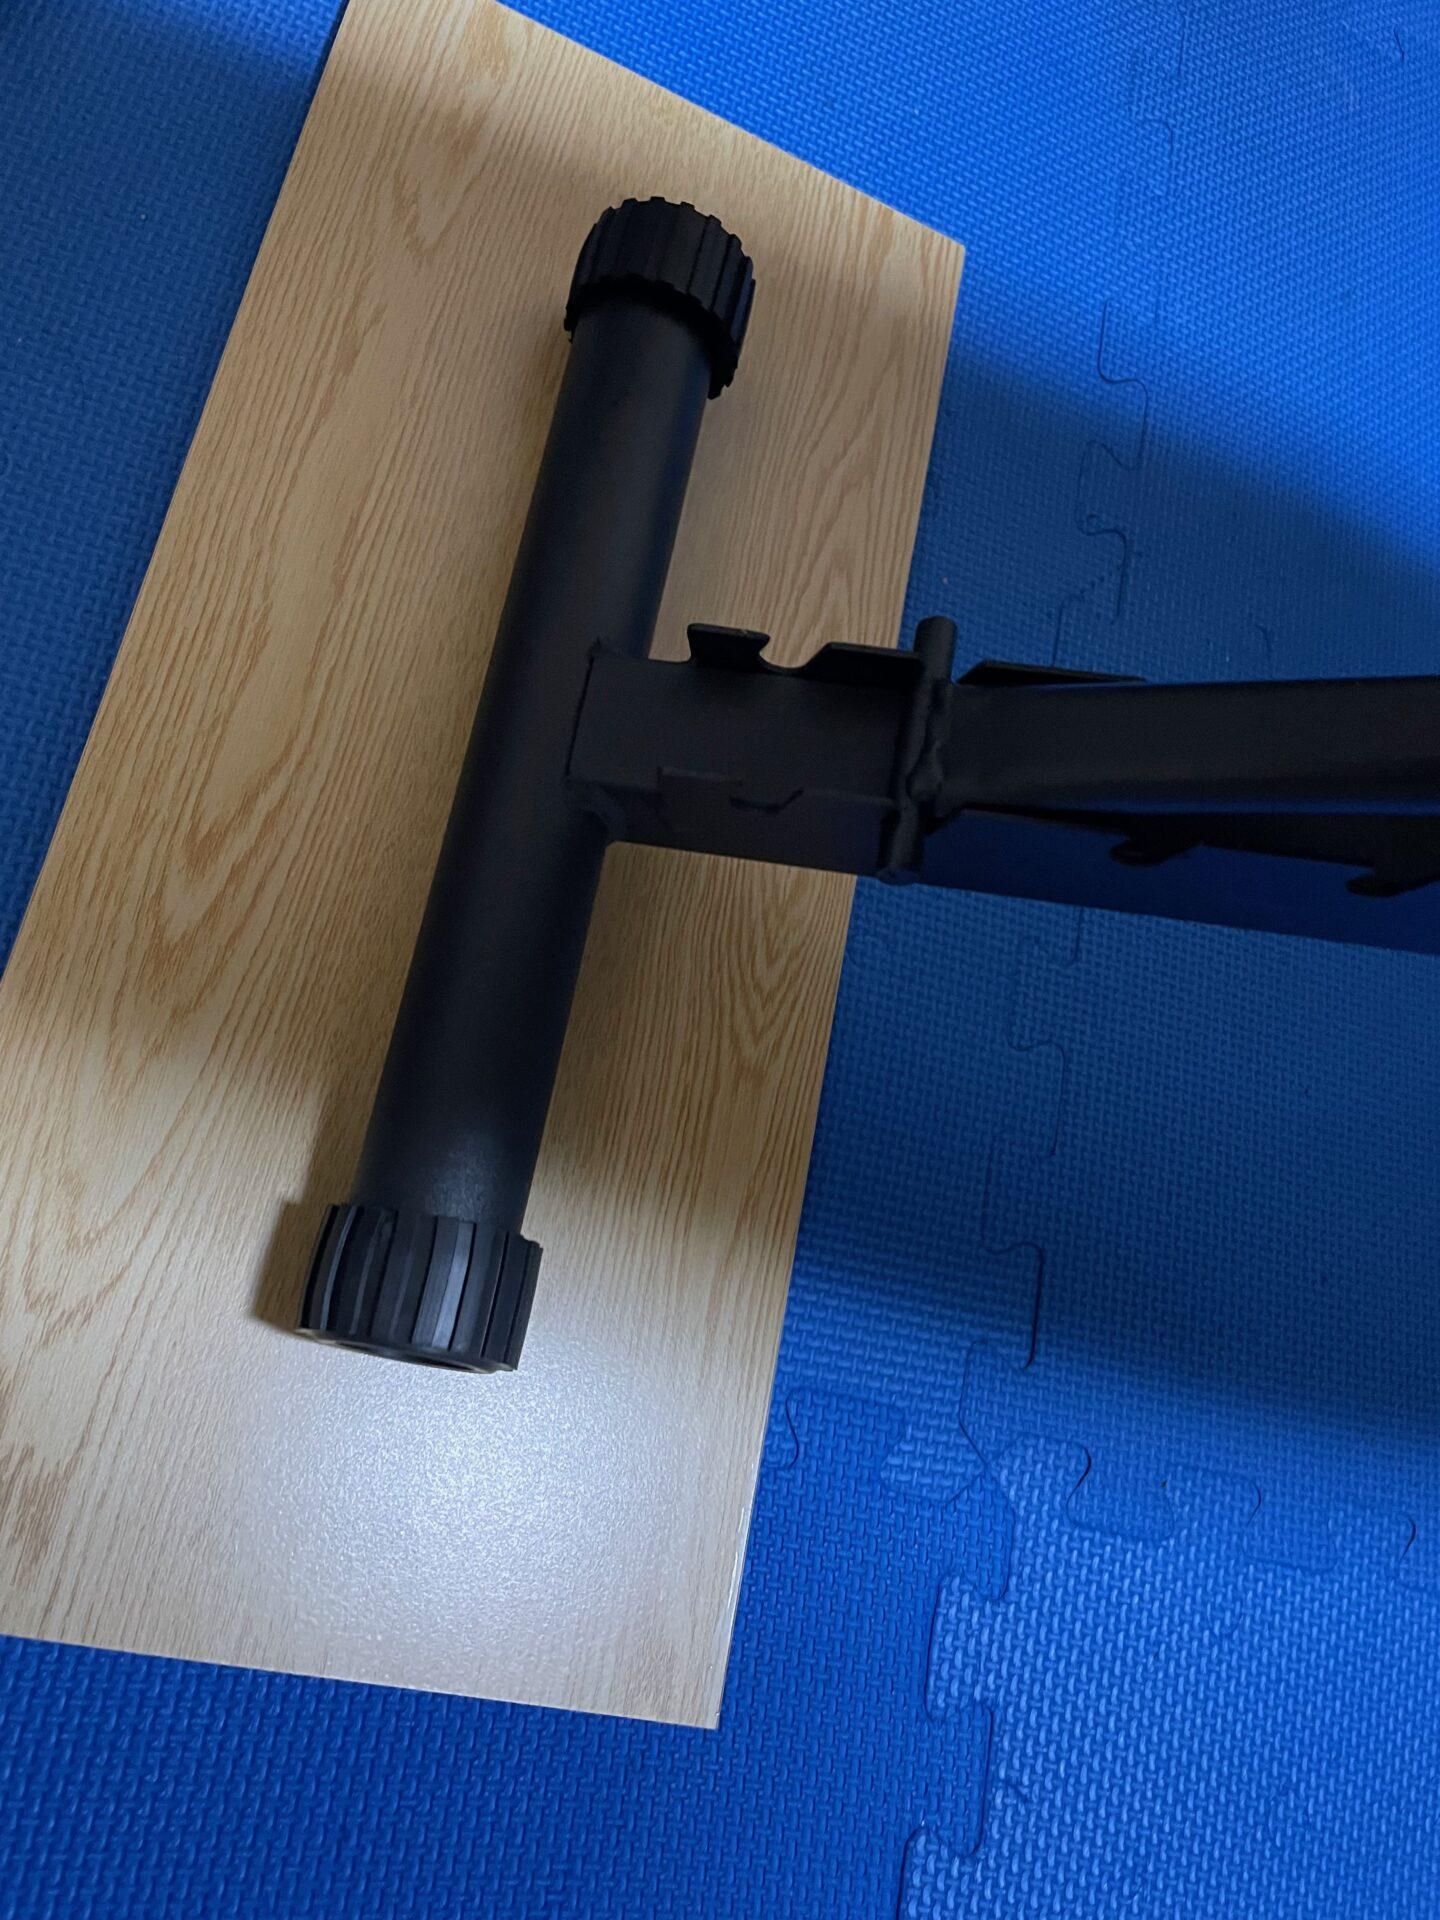 宅トレ トレーニングベンチ 組み立て方法 木材 安定